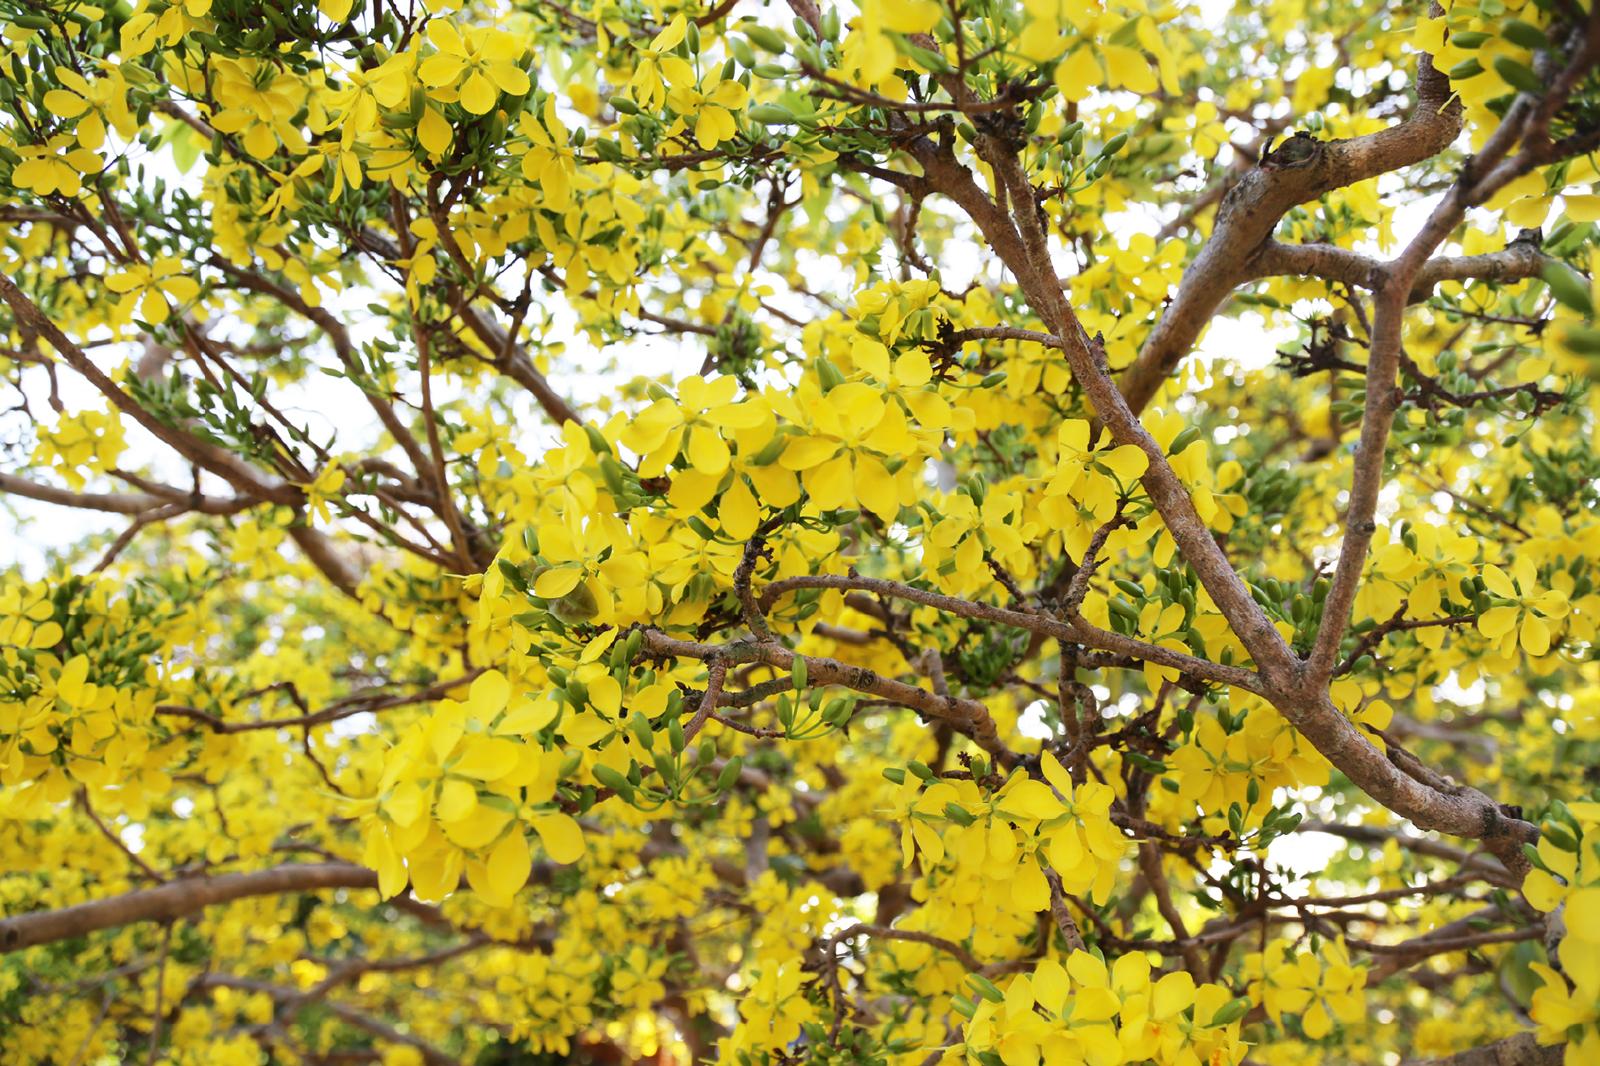 Ngắm cây mai 'khổng lồ' ở Bà Rịa - Vũng Tàu ảnh 15